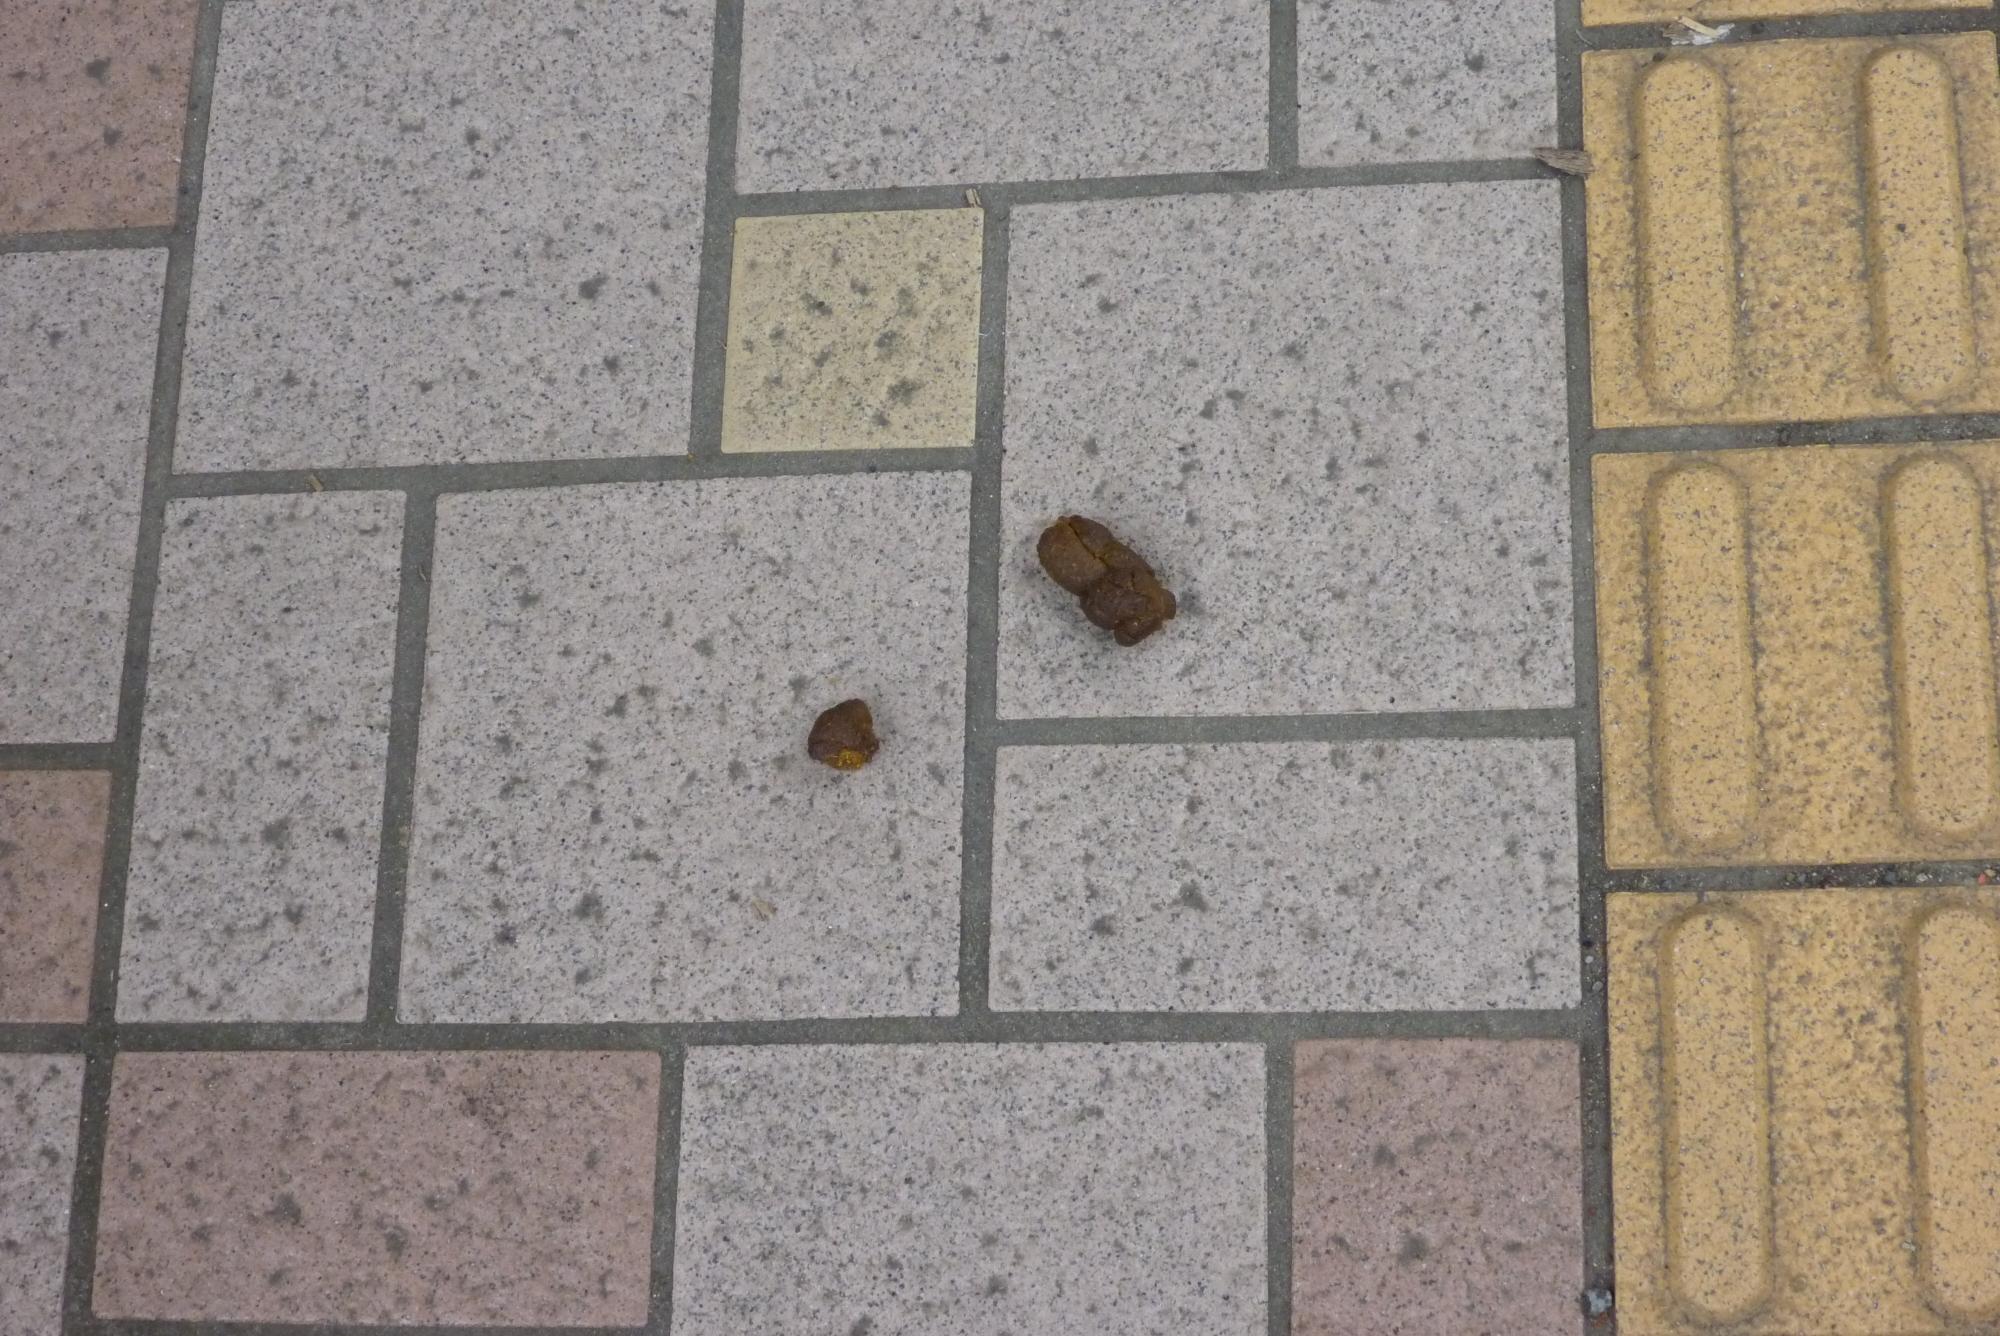 歩道の犬の糞